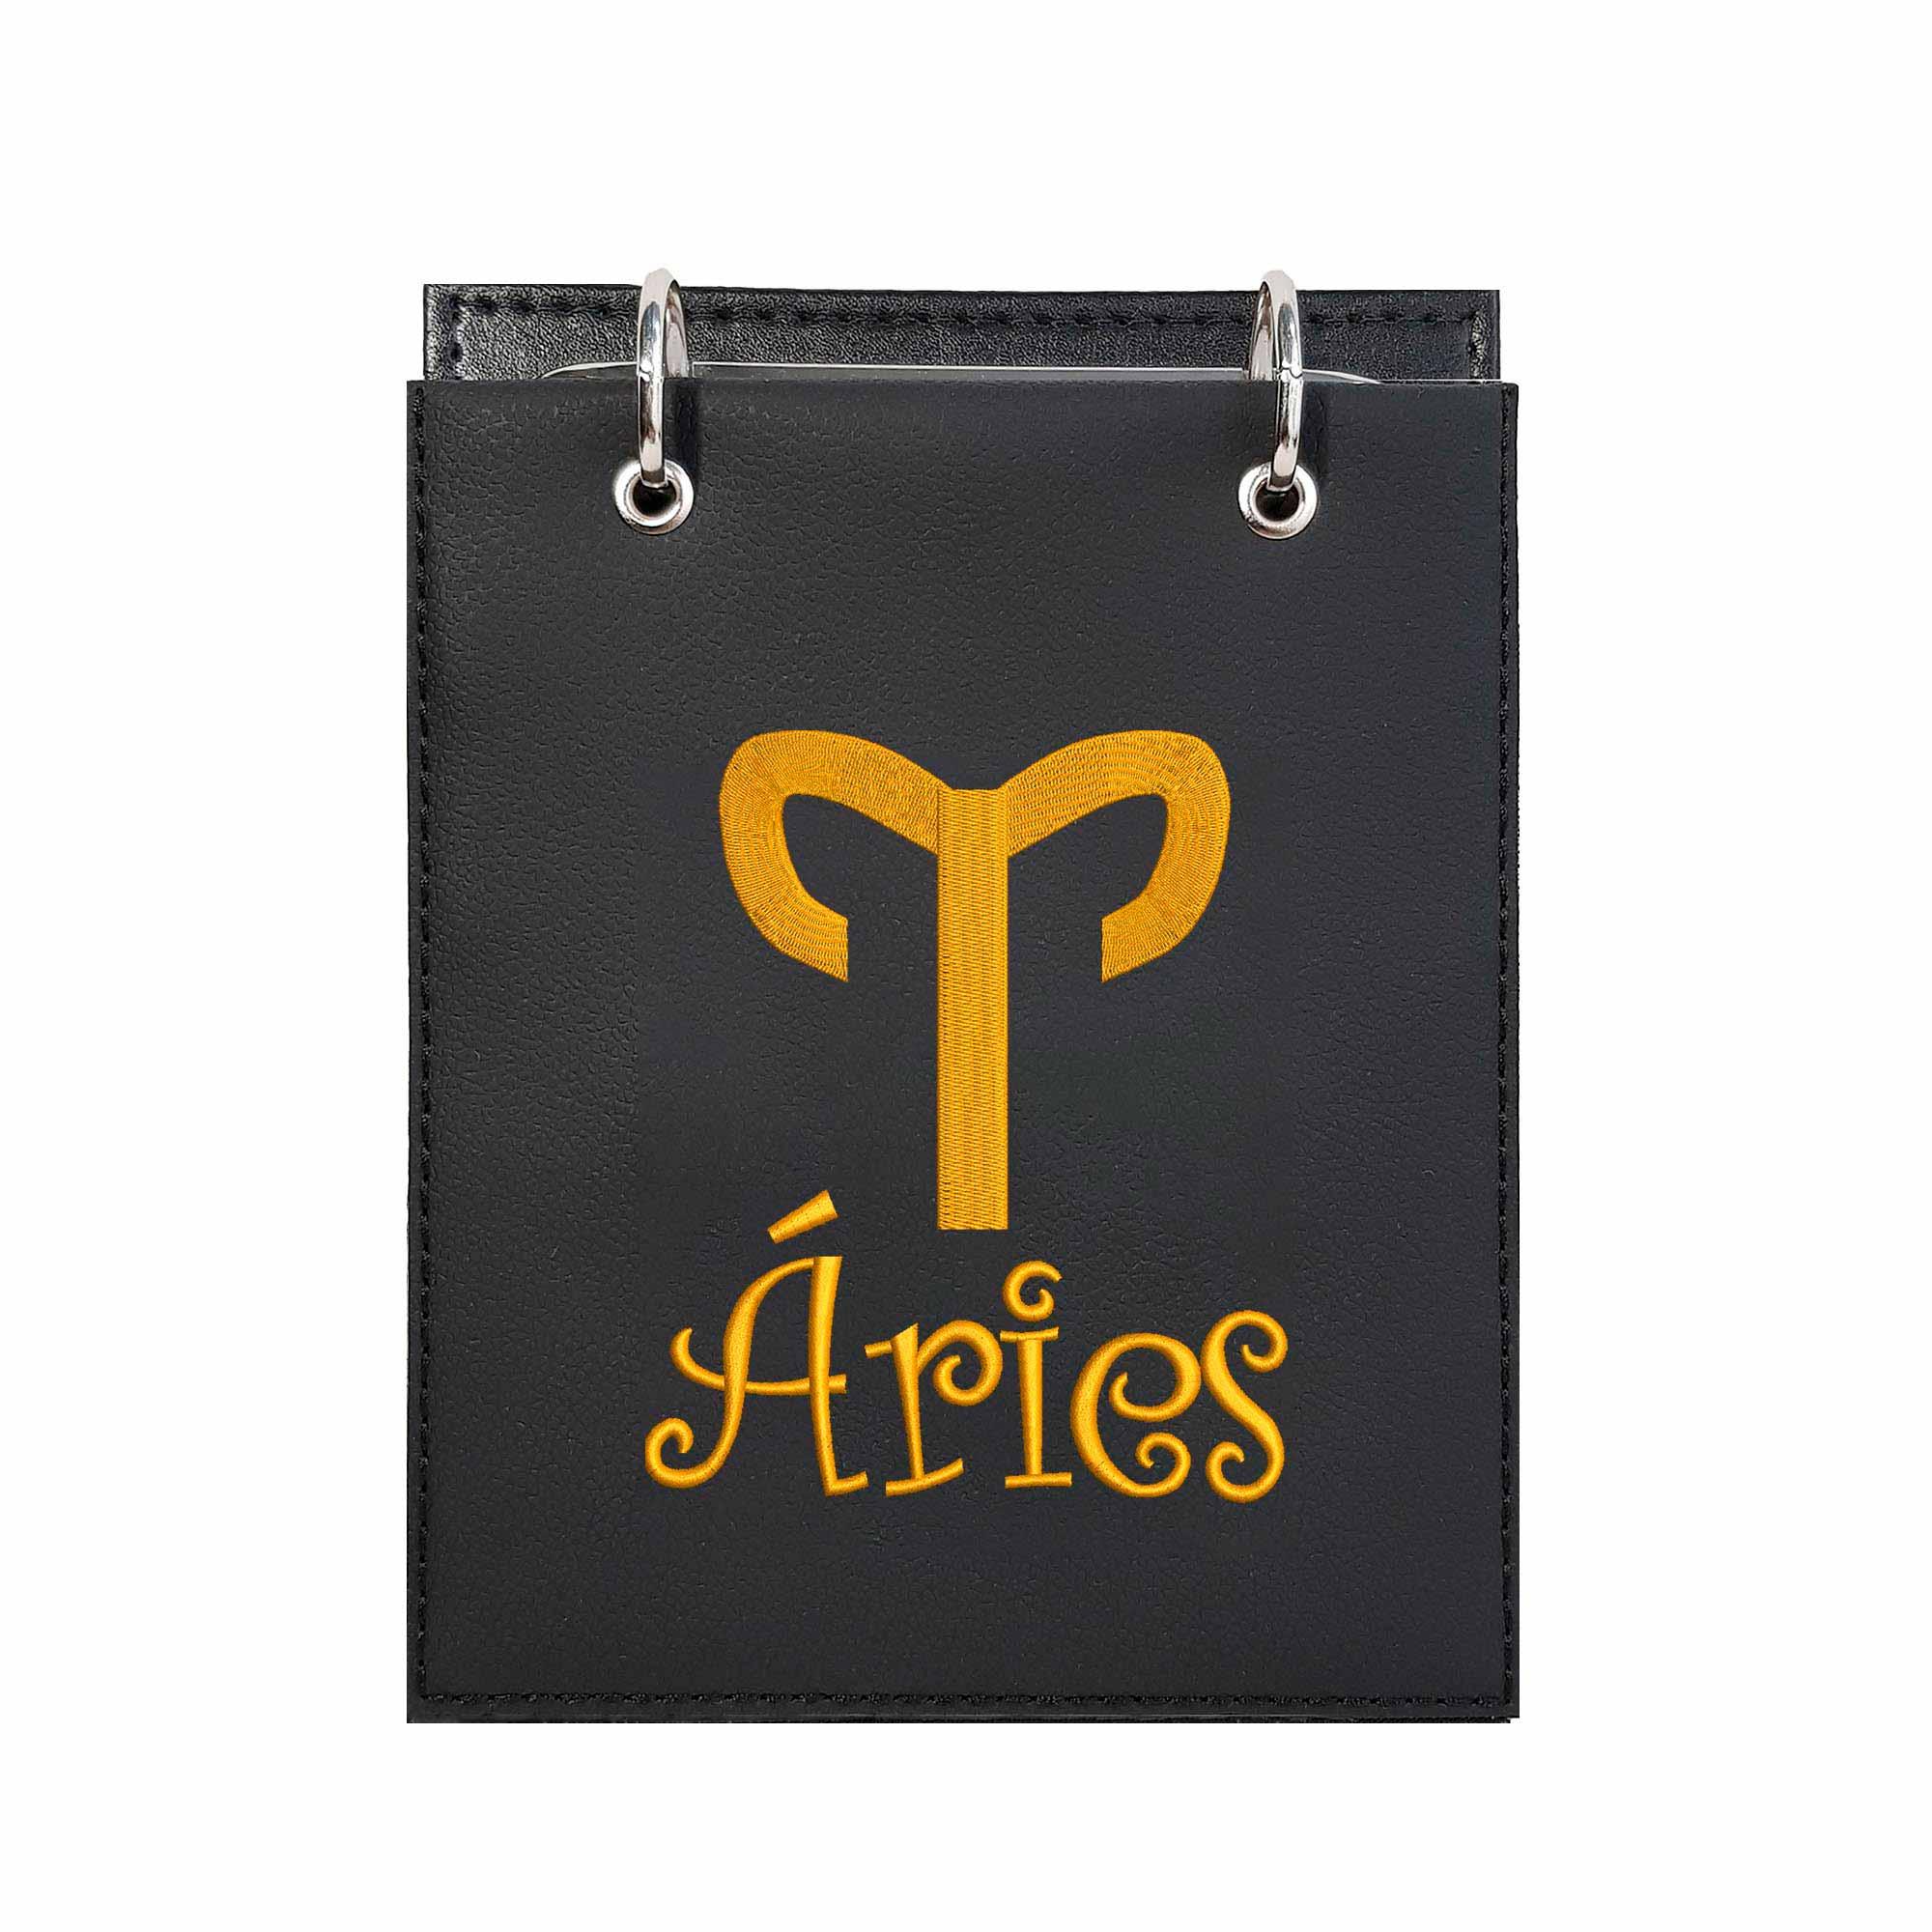 Bloco Bordado de Mesa Notas Simbolo Signo Aries  - Talysmã Bordados